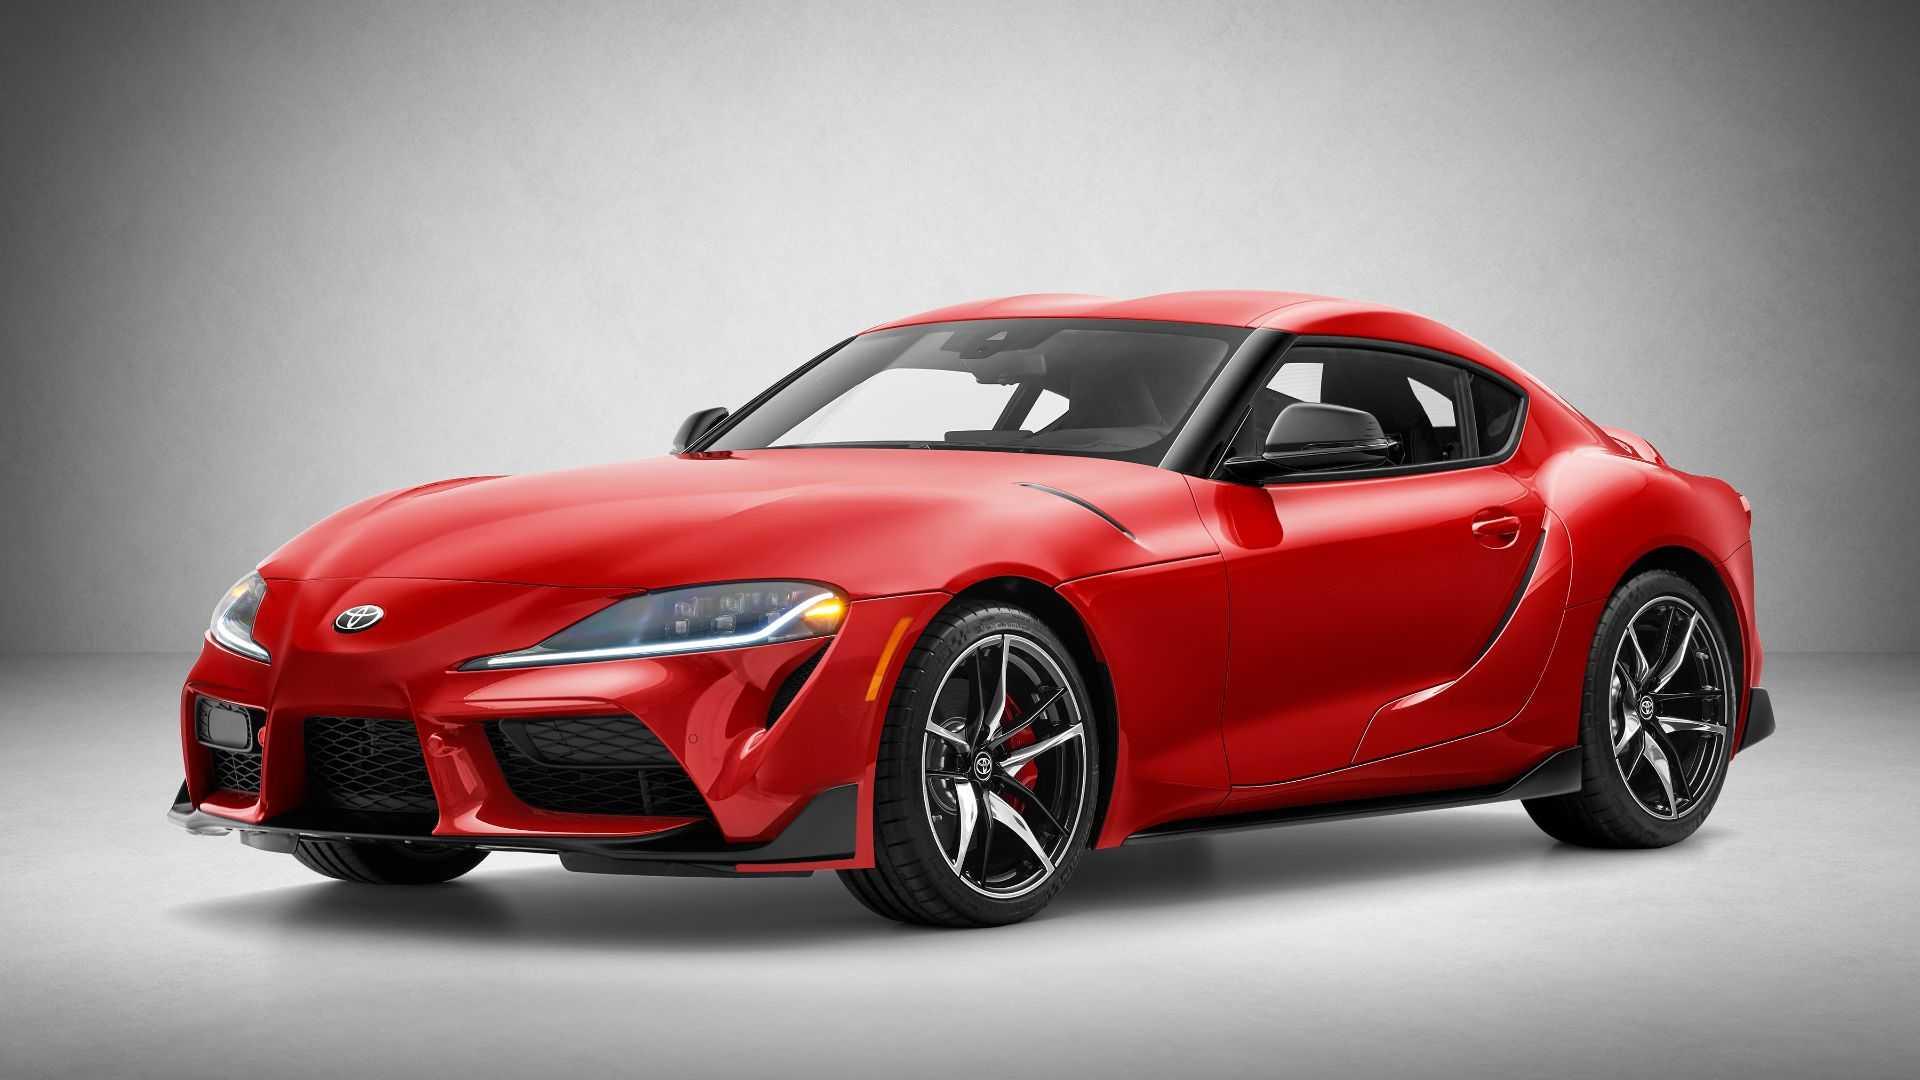 Habrá un Toyota Supra más potente y radical: primeros datos